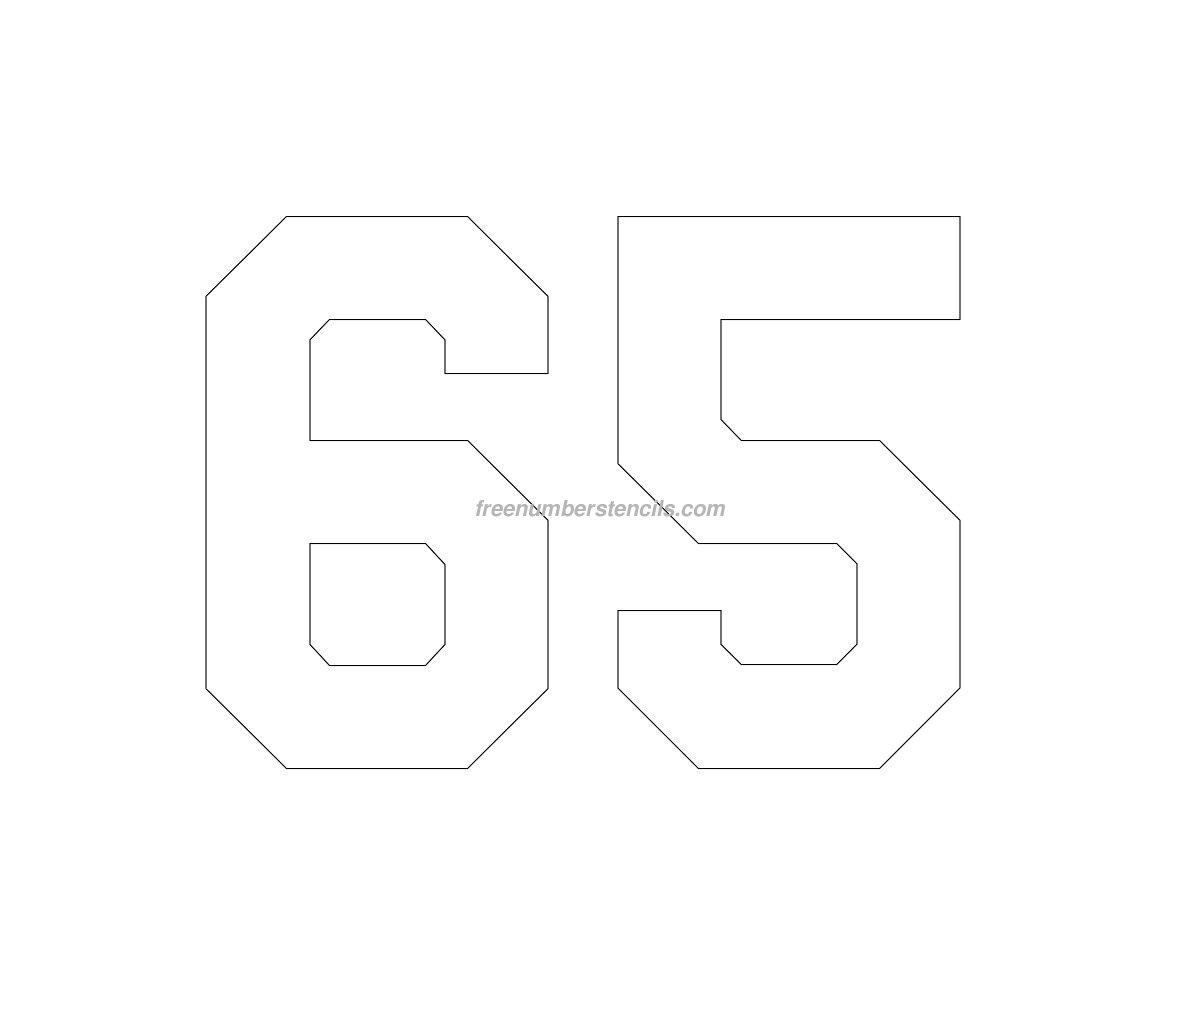 Free Football 65 Number Stencil - Freenumberstencils.com